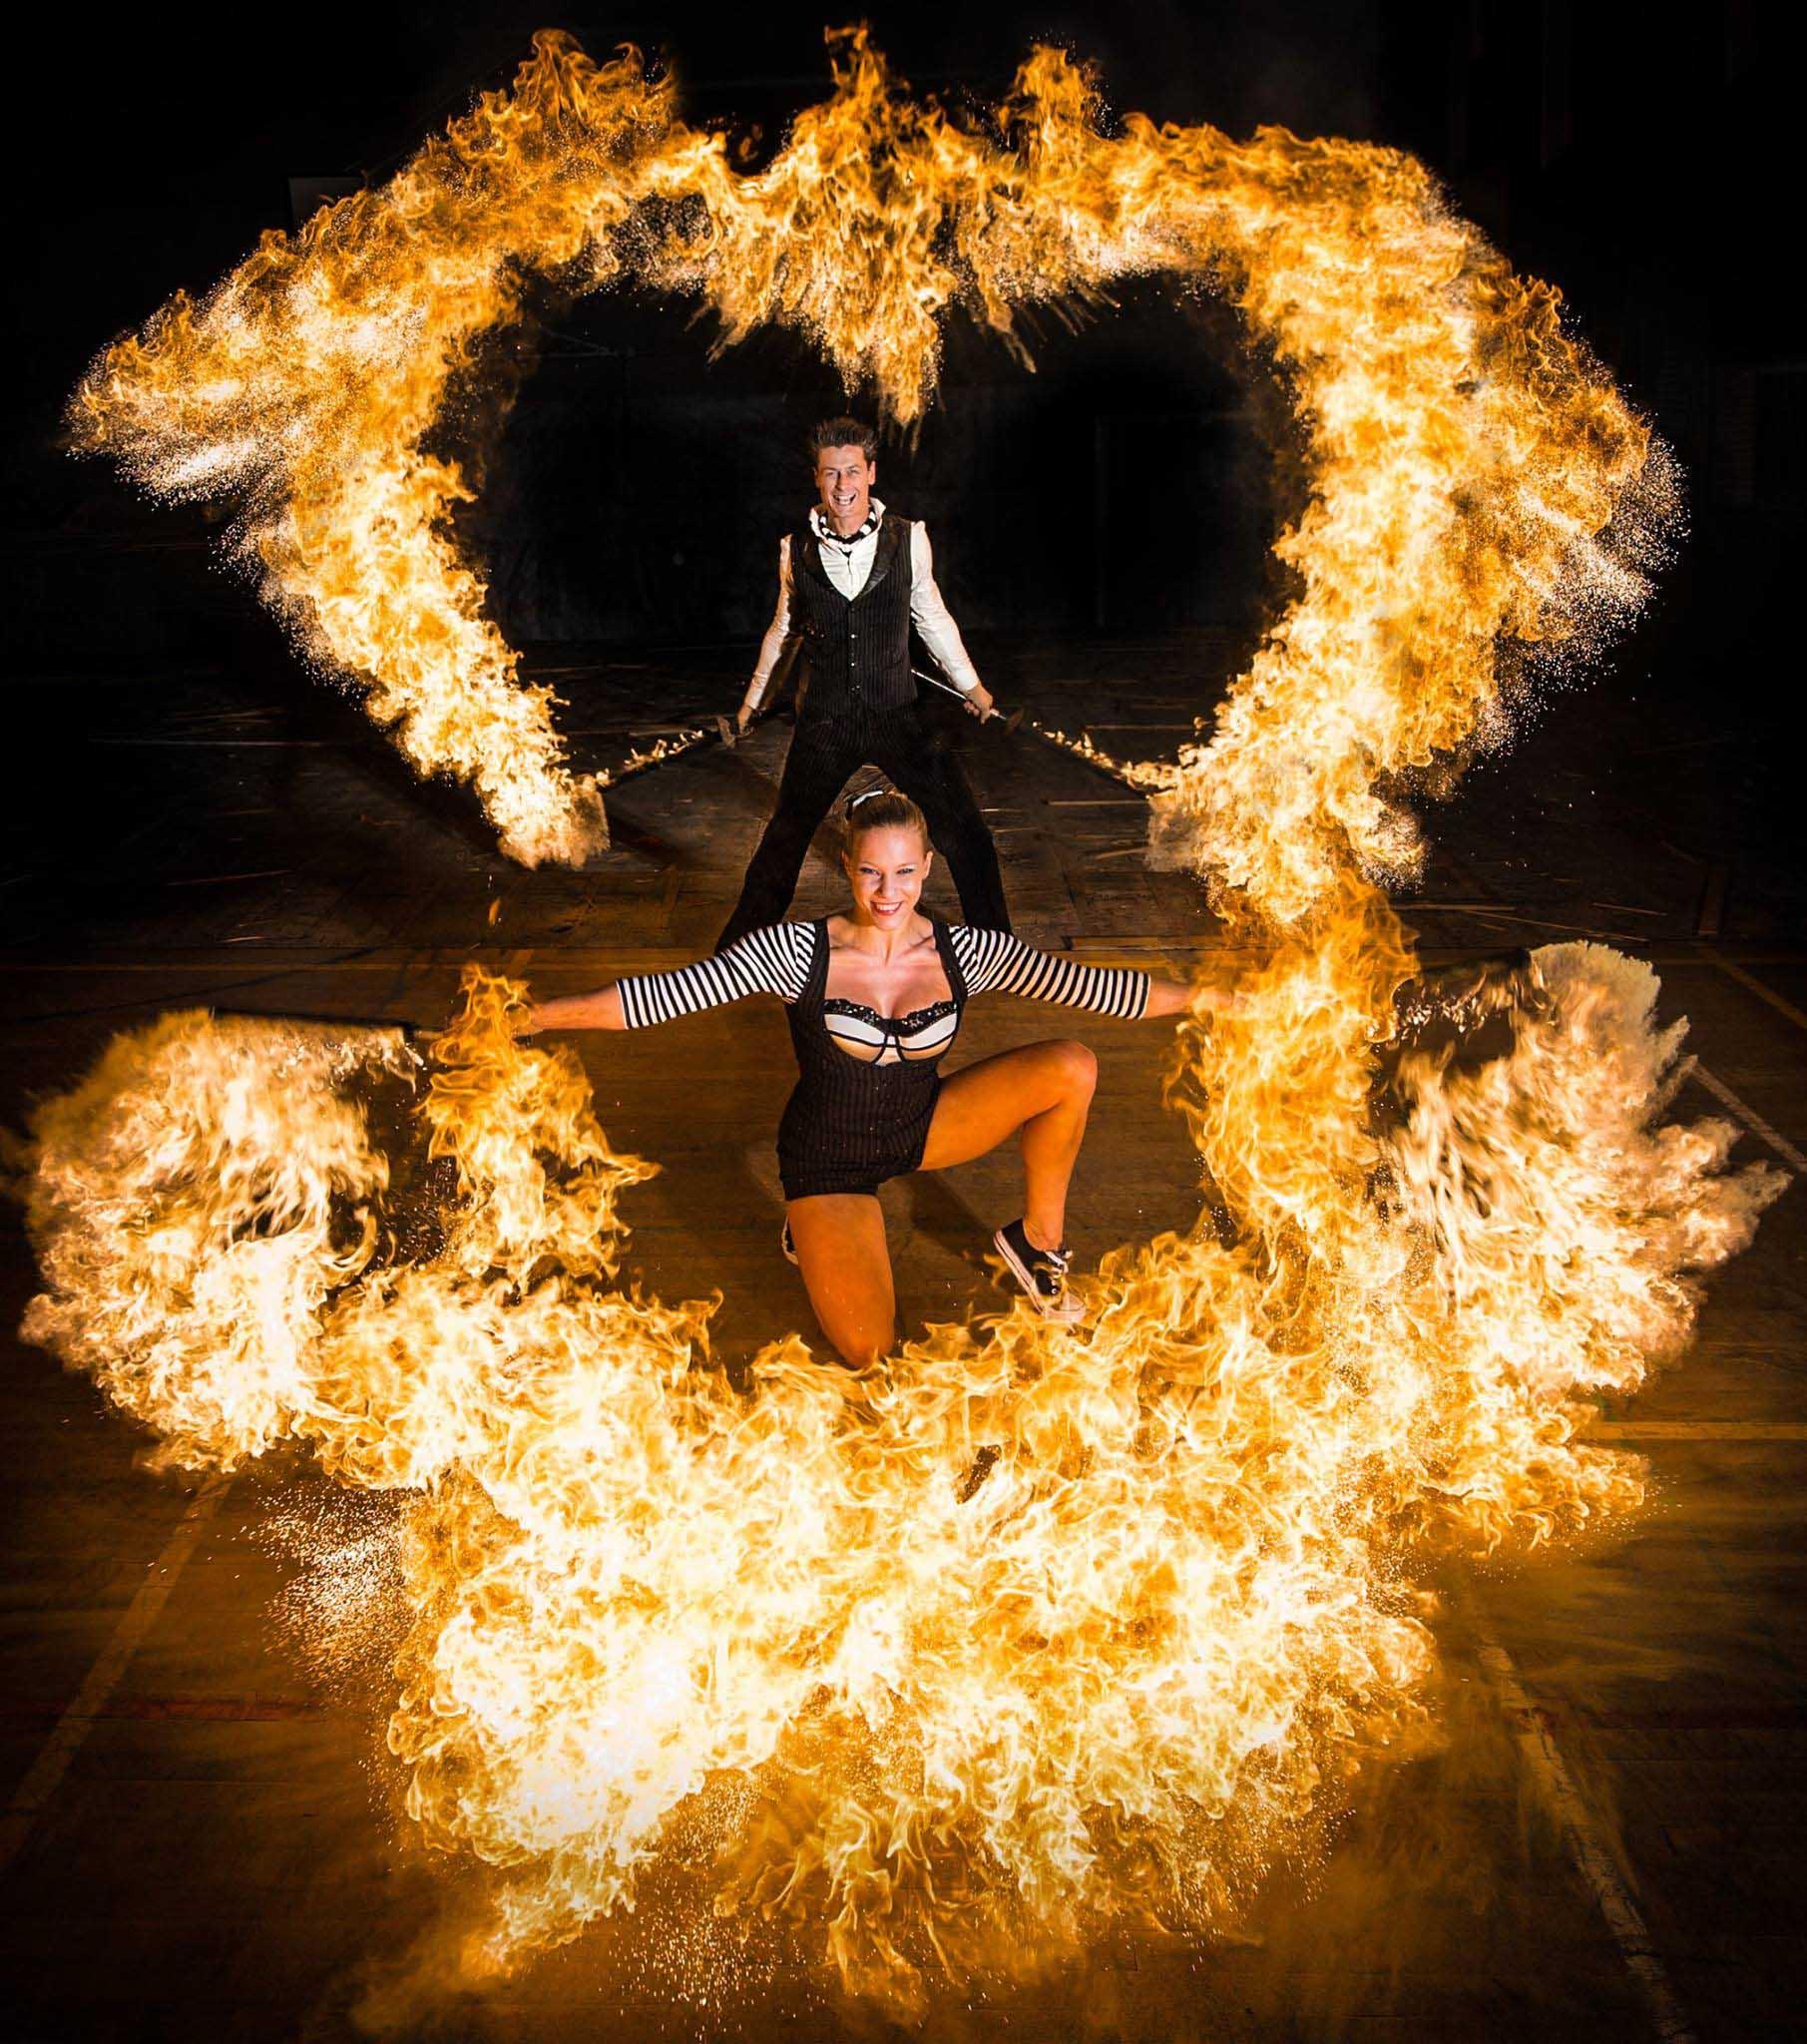 Spark Fire Dance Blank Canvas Entertainment Blank